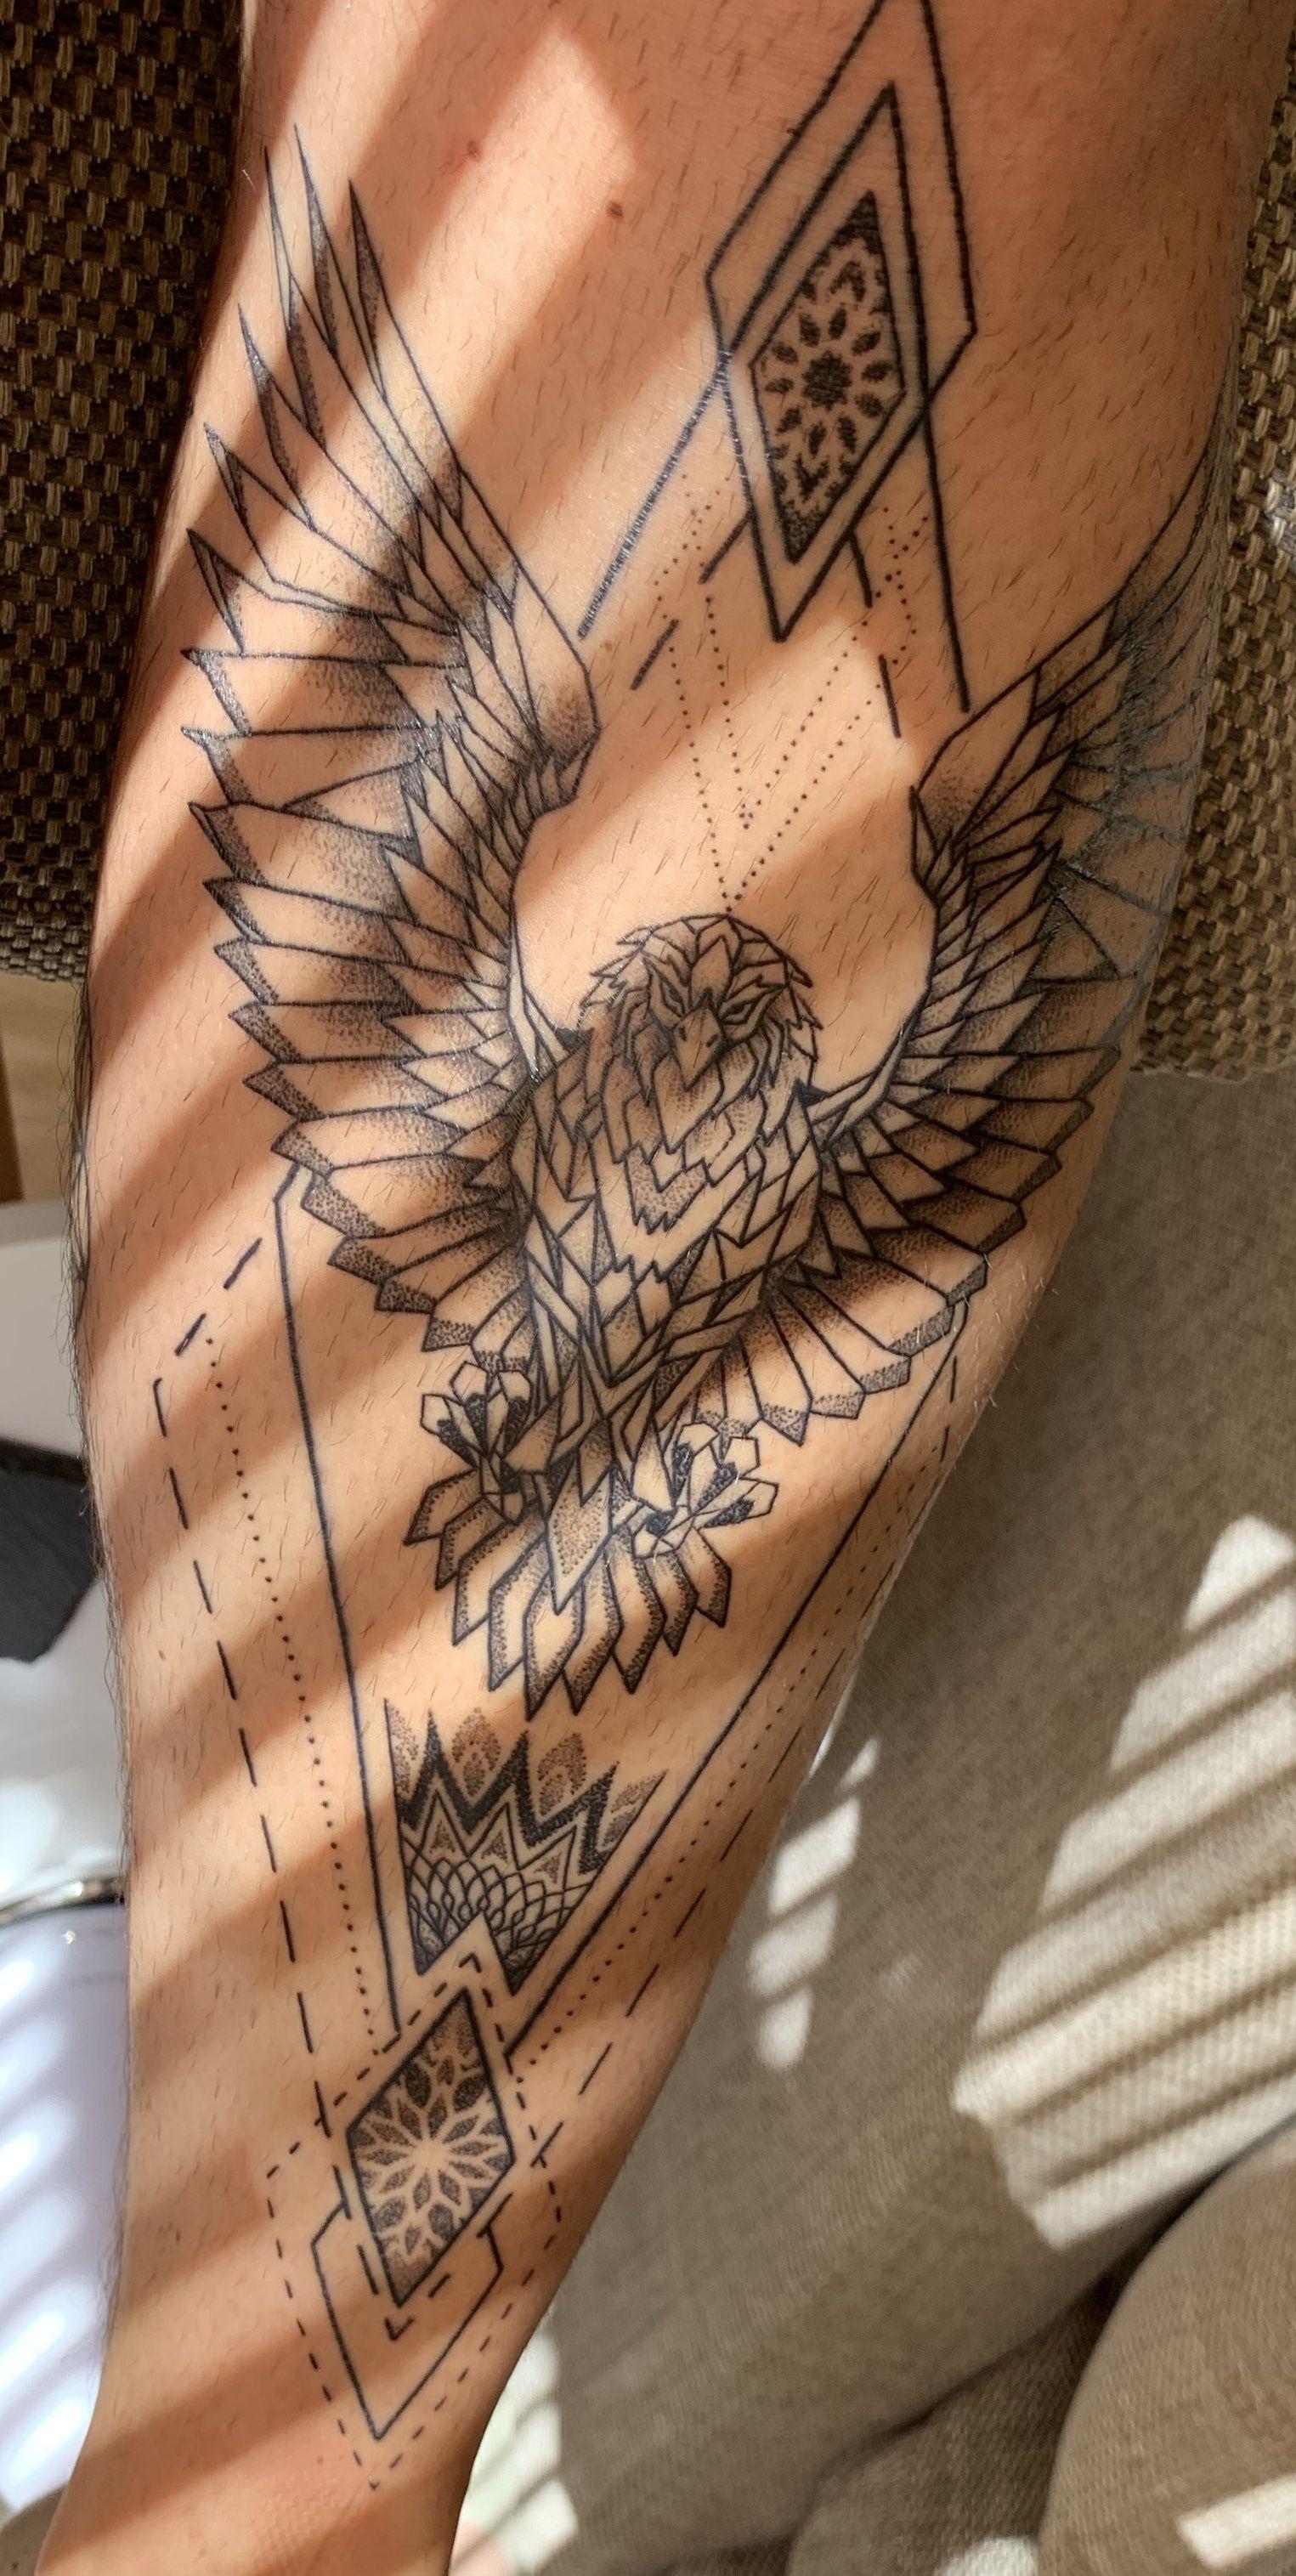 Eagle Tattoo on Leg  Eagle Tattoo on shin Geometric Blackwork  Eagle Tattoo on Leg  Eagle Tattoo on shin Geometric Blackwork